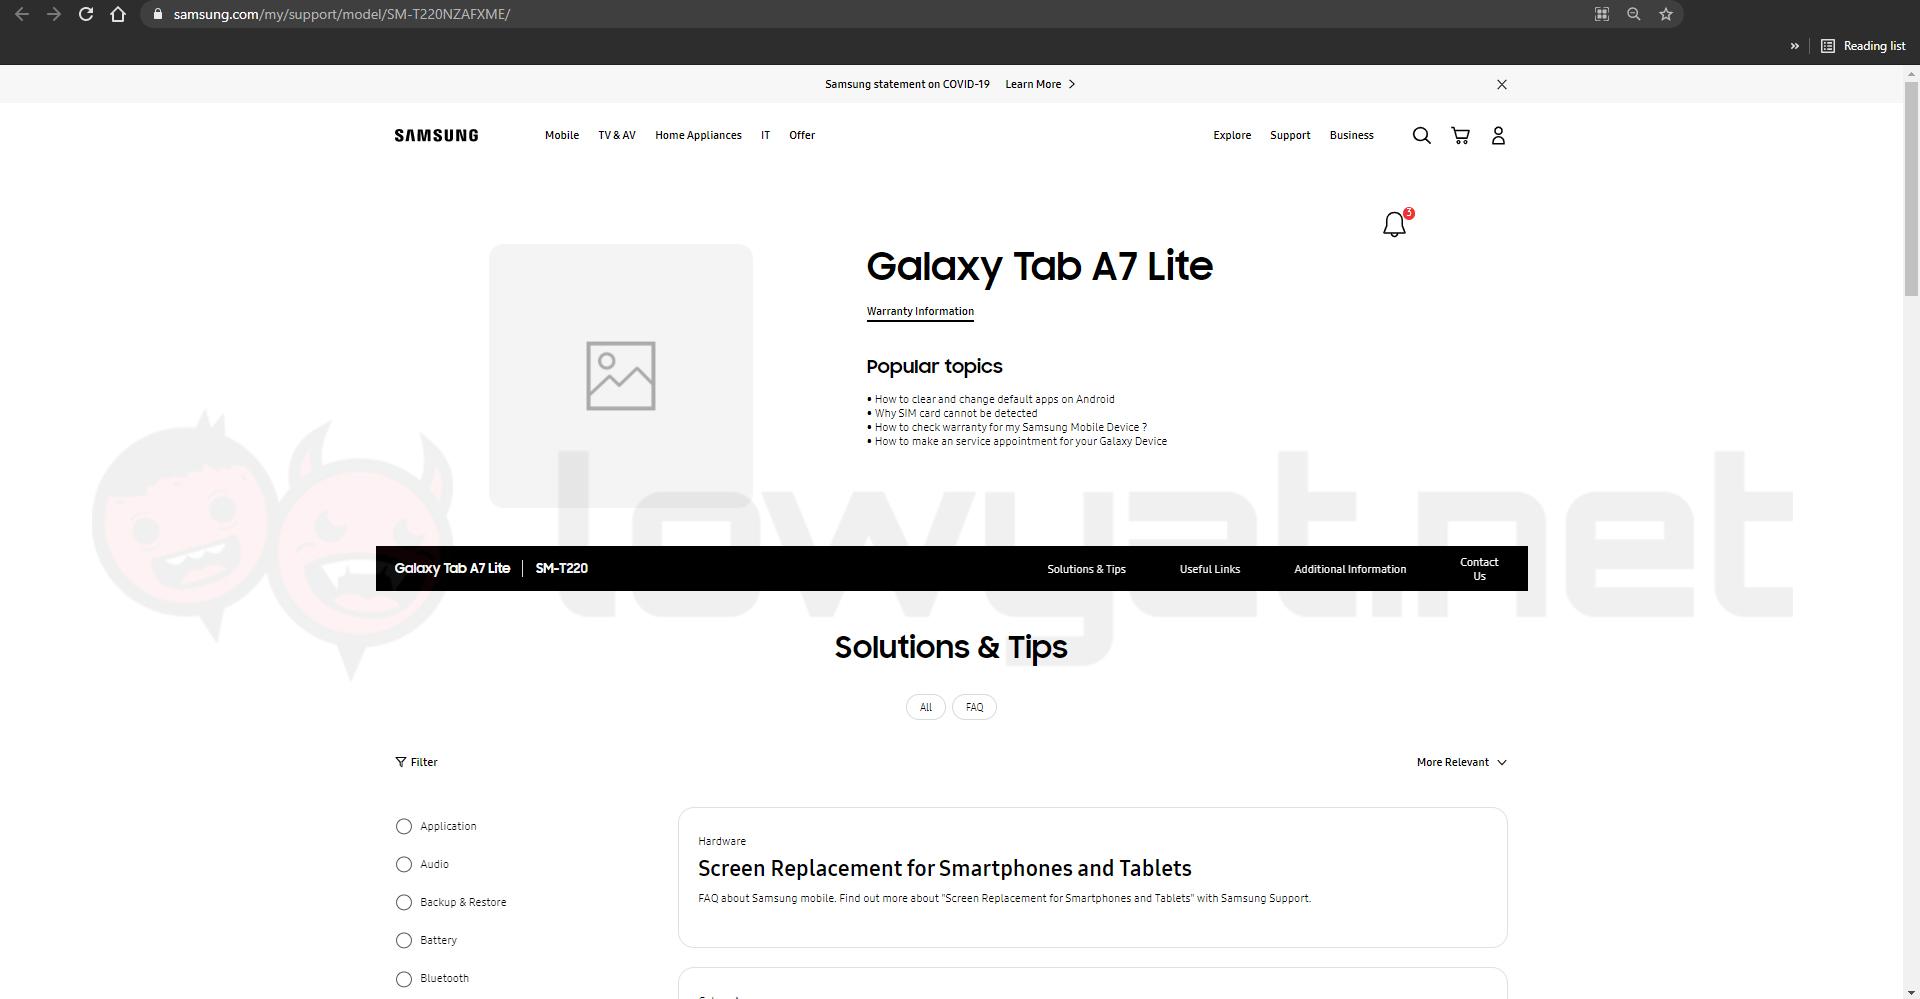 Samsung Galaxy Tab A7 Lite Malaysia